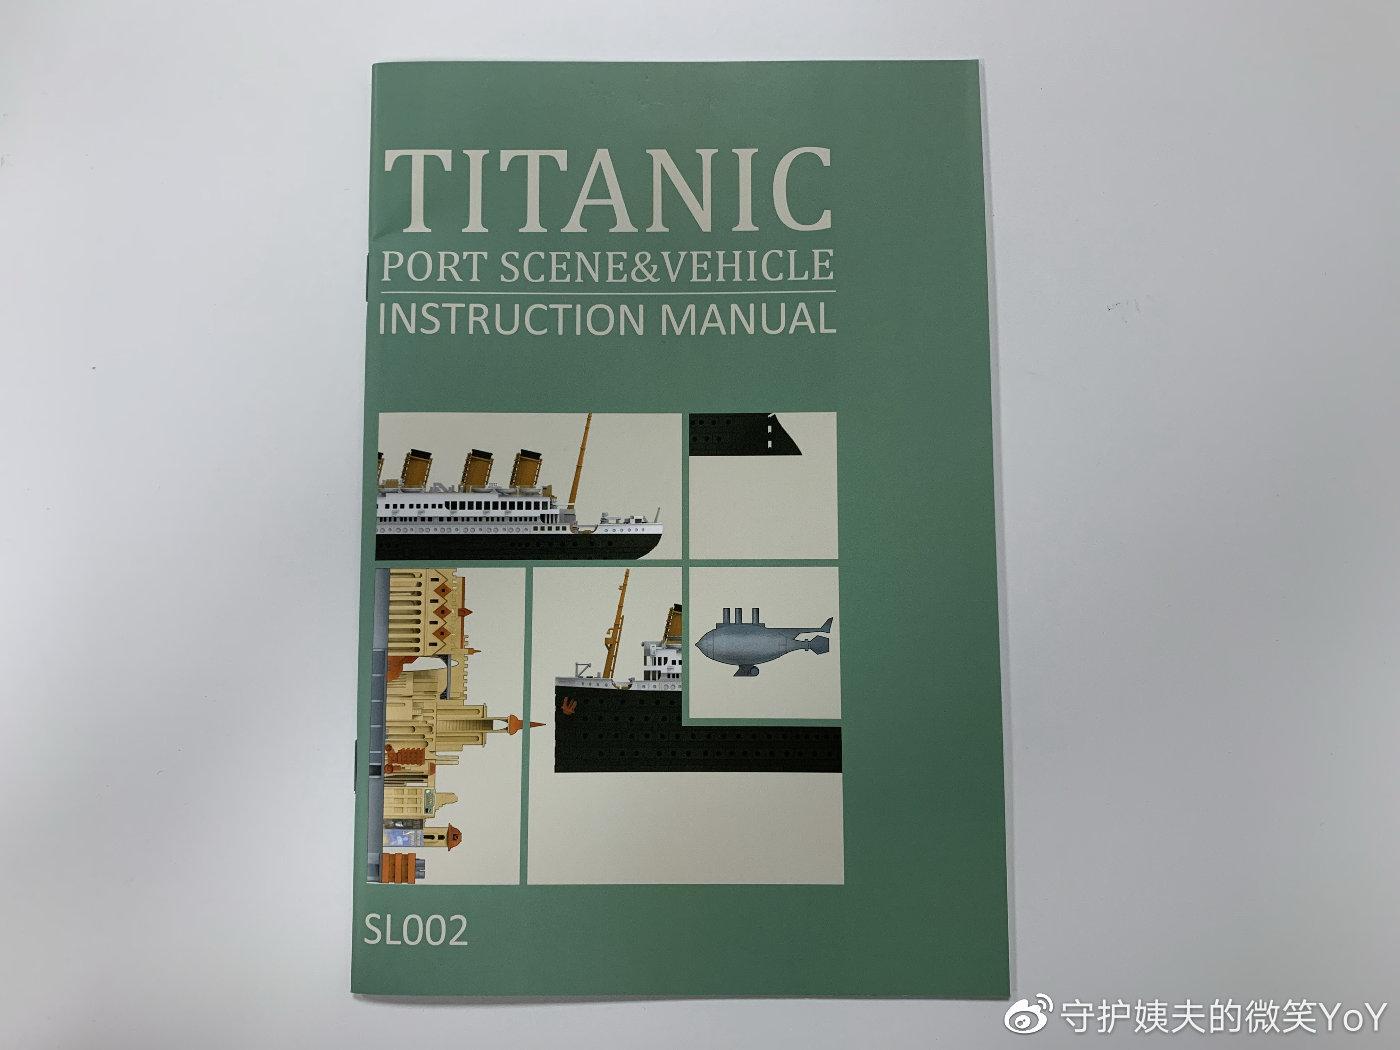 S484_2_RMS_Titanic_SOUTHAMPTON_036.jpg